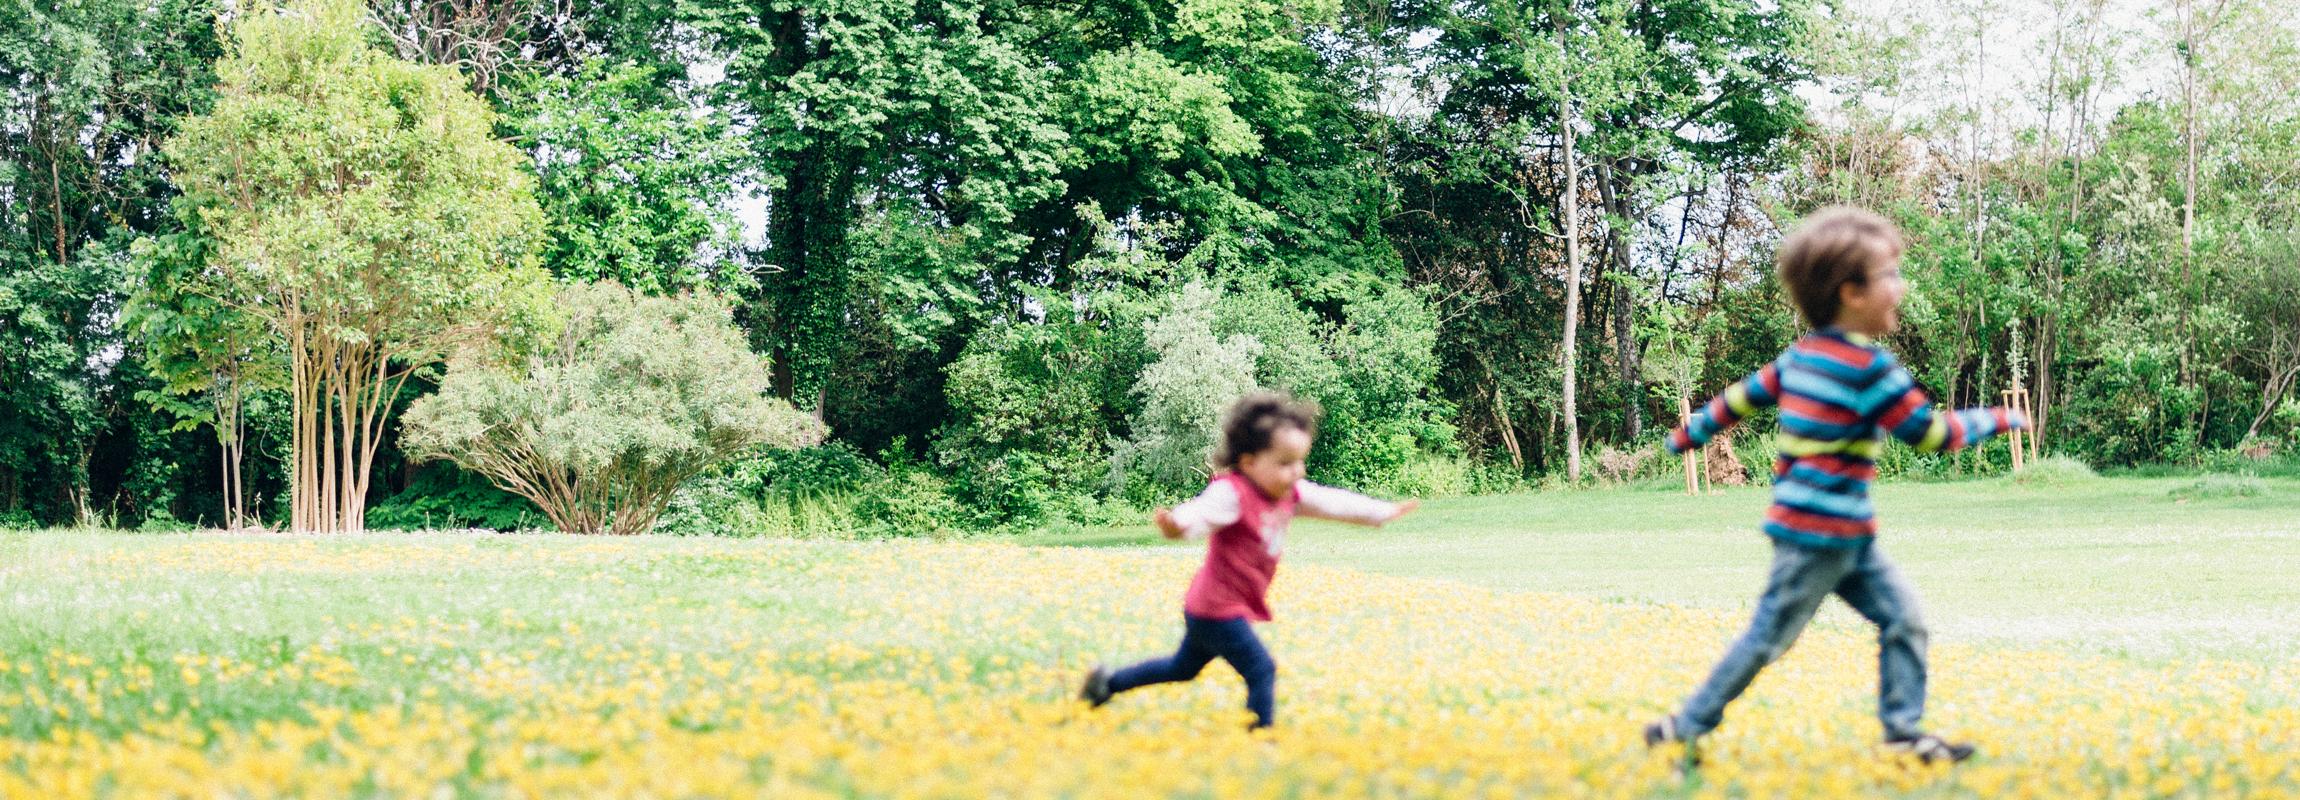 Spielende Kinder im Schlosspark